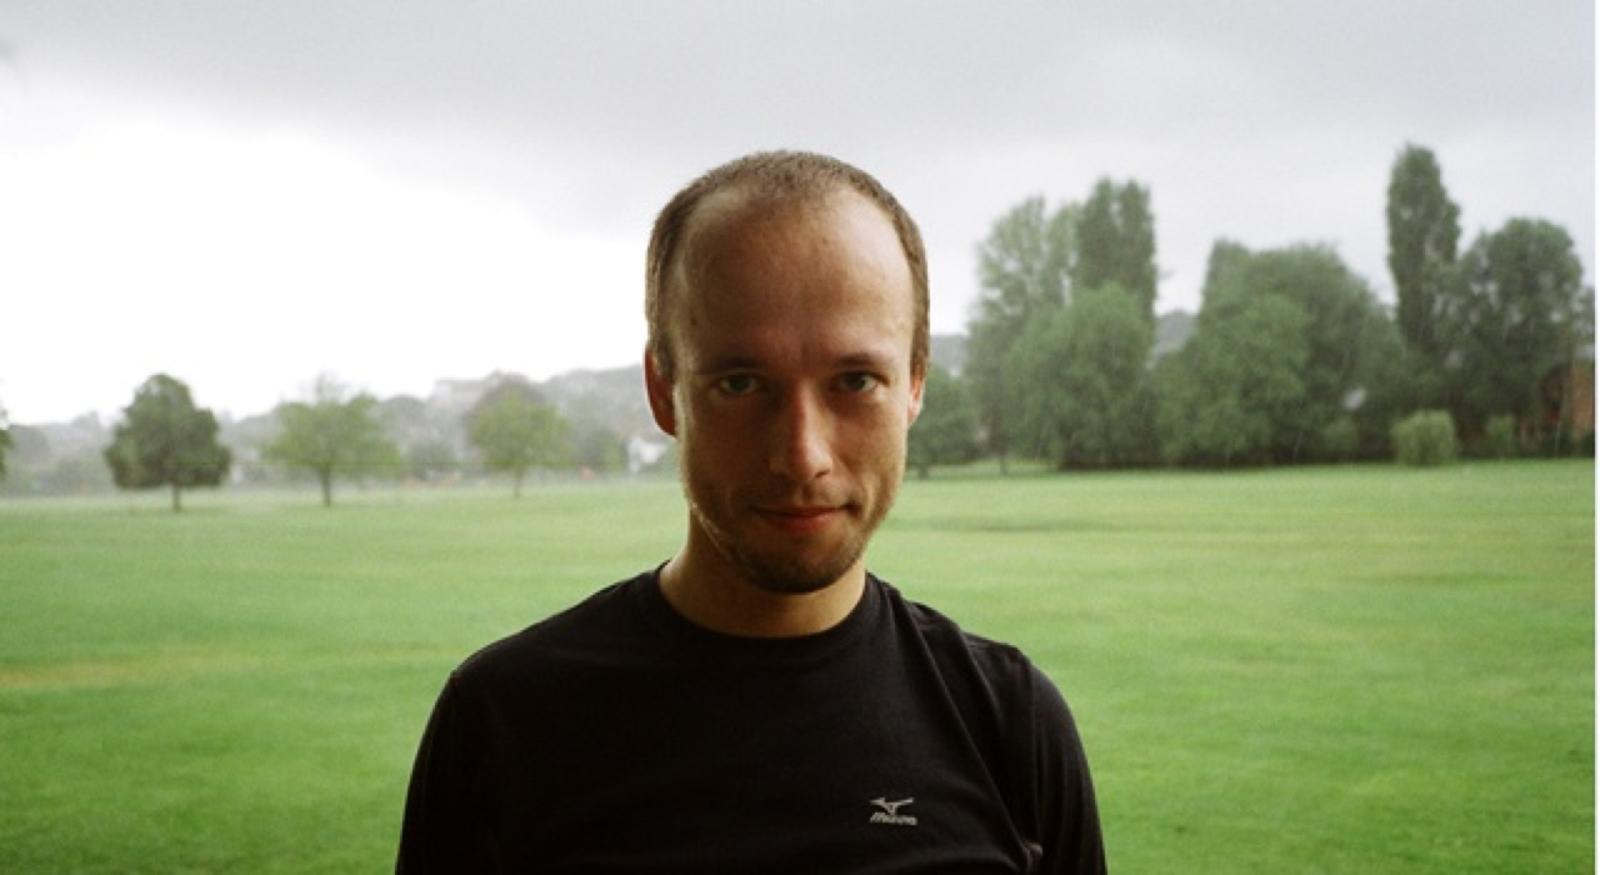 Влад Небольсин, автор статьи, которая дала толчок для появления паркрана в России